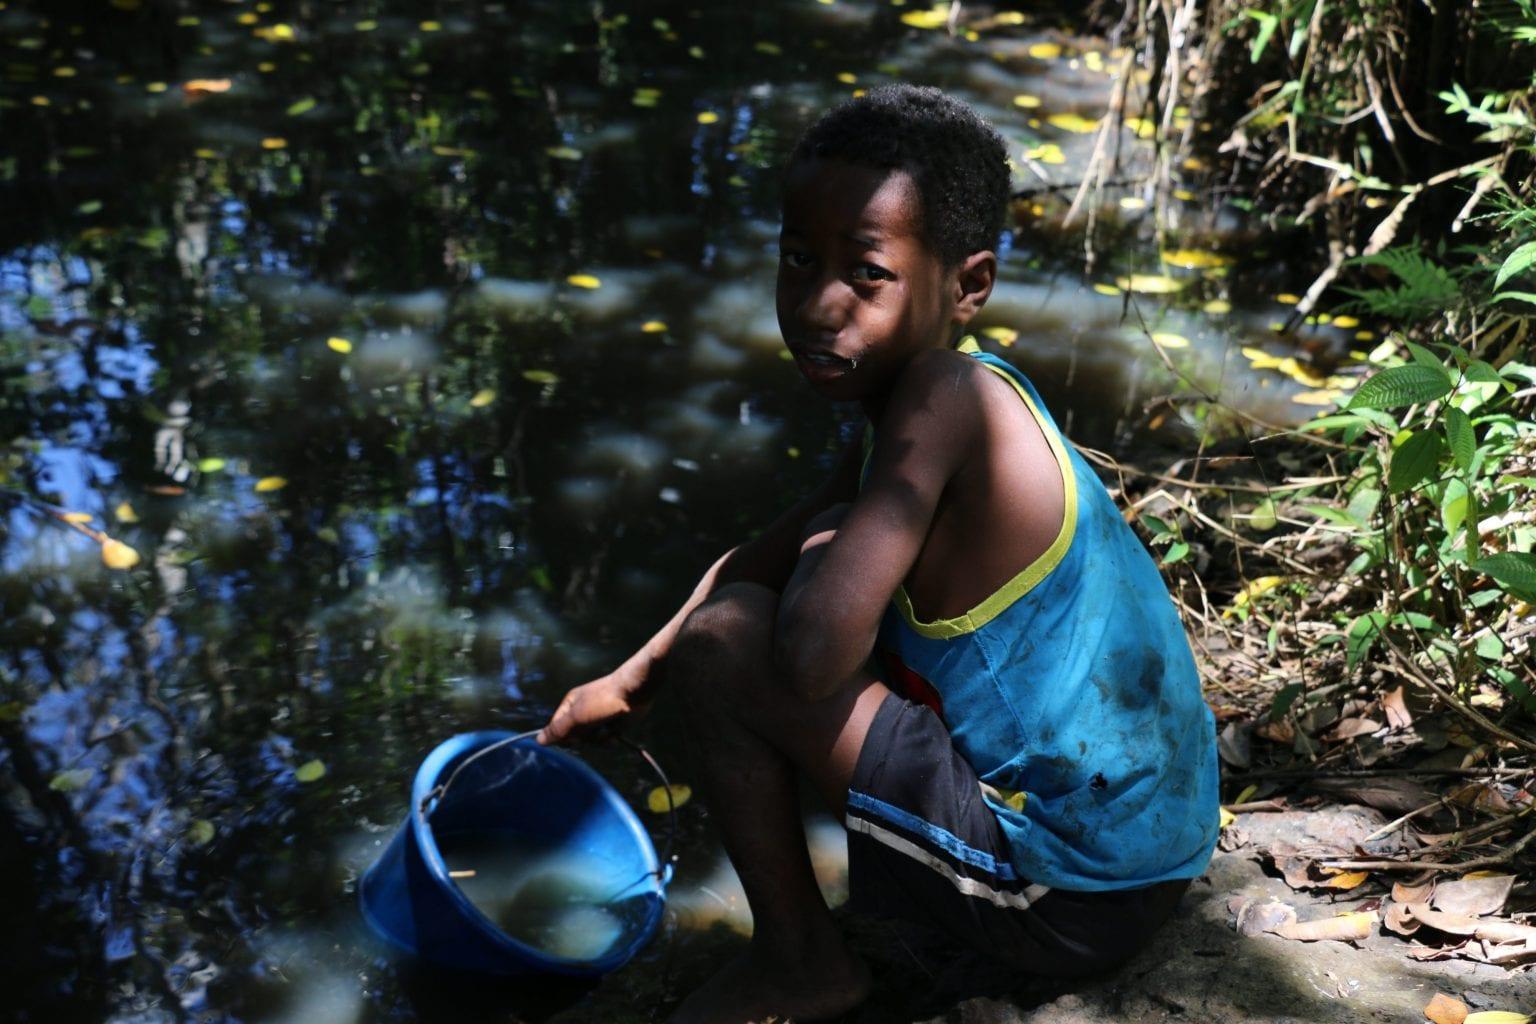 Xidollien, 9 år. Mange vaniljebønder i Madagaskar er så fattige, at deres børn på ned til 10 år må hjælpe dem med arbejdet i vaniljemarkerne. Foto: Per Lykke Lind/Danwatch